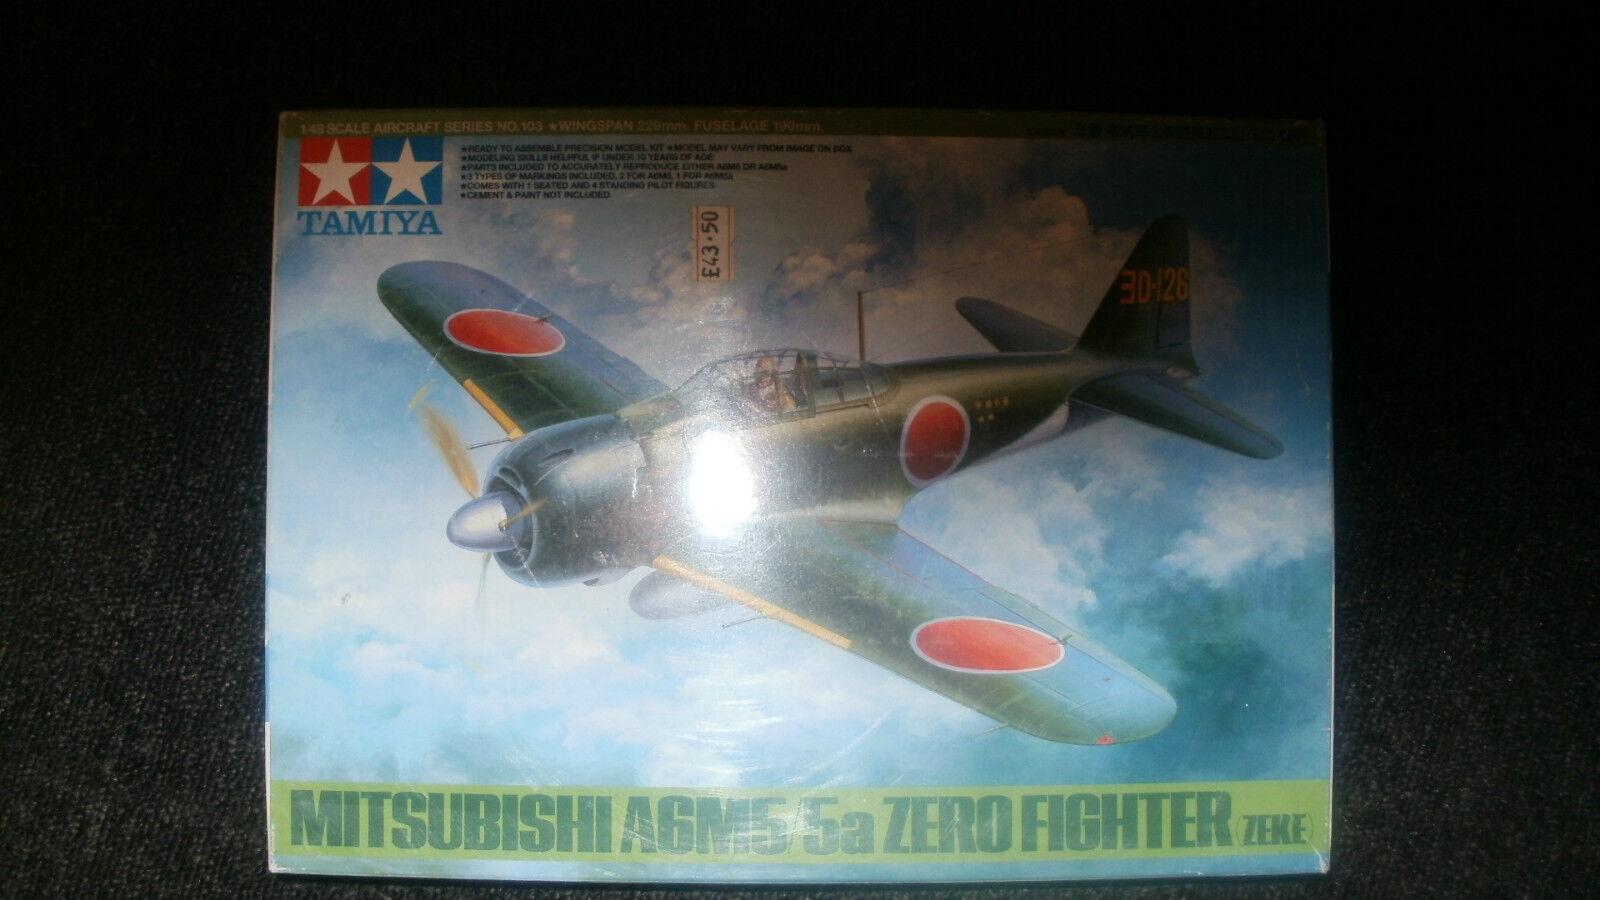 TAMIYA MITSUBISHI A6M5 5A ZREO FIGHTER